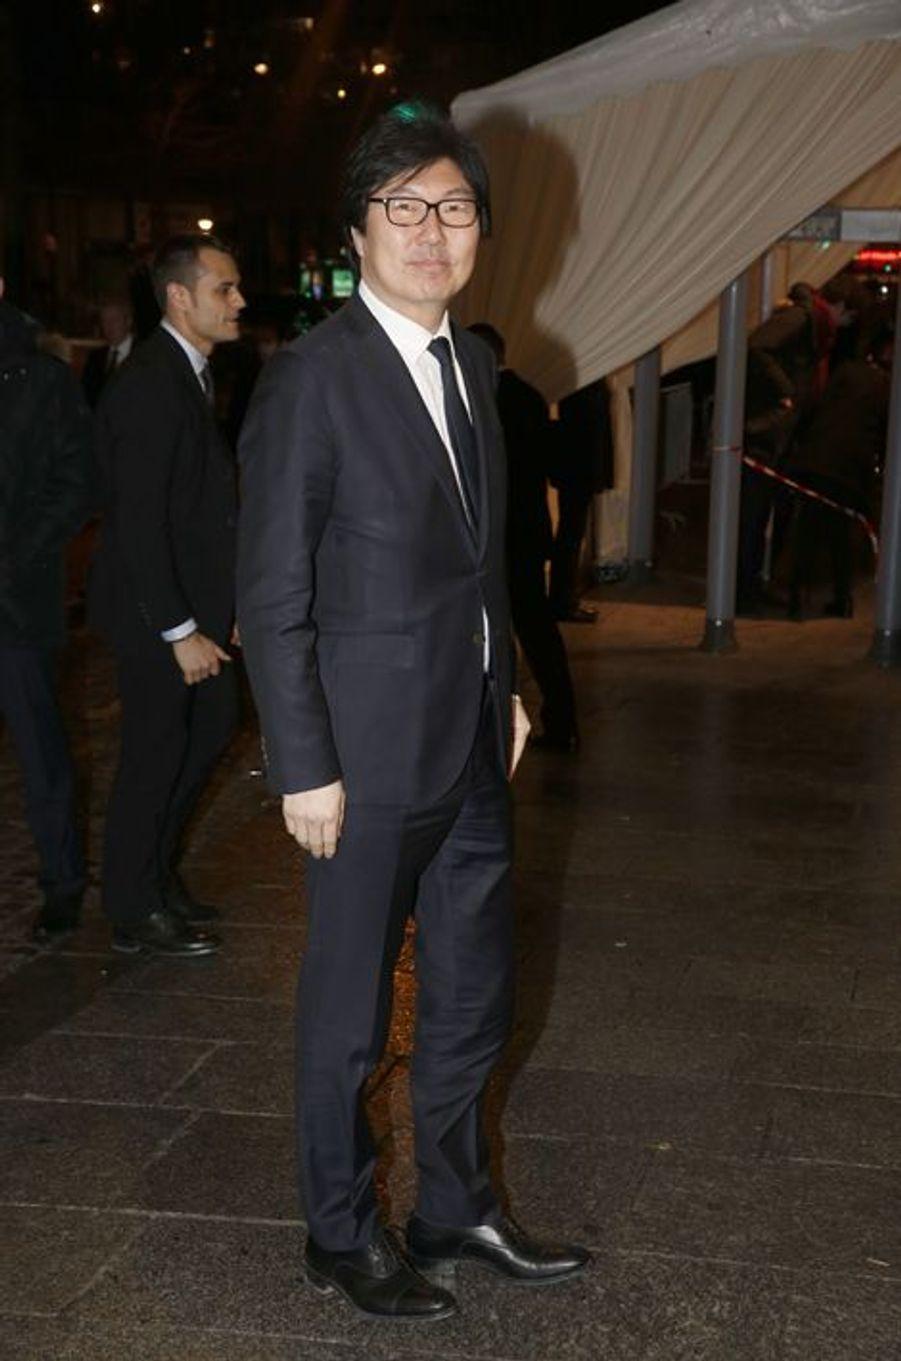 Jean-Vincent Placé au dîner annuel du Crif à Paris le 7 mars 2016